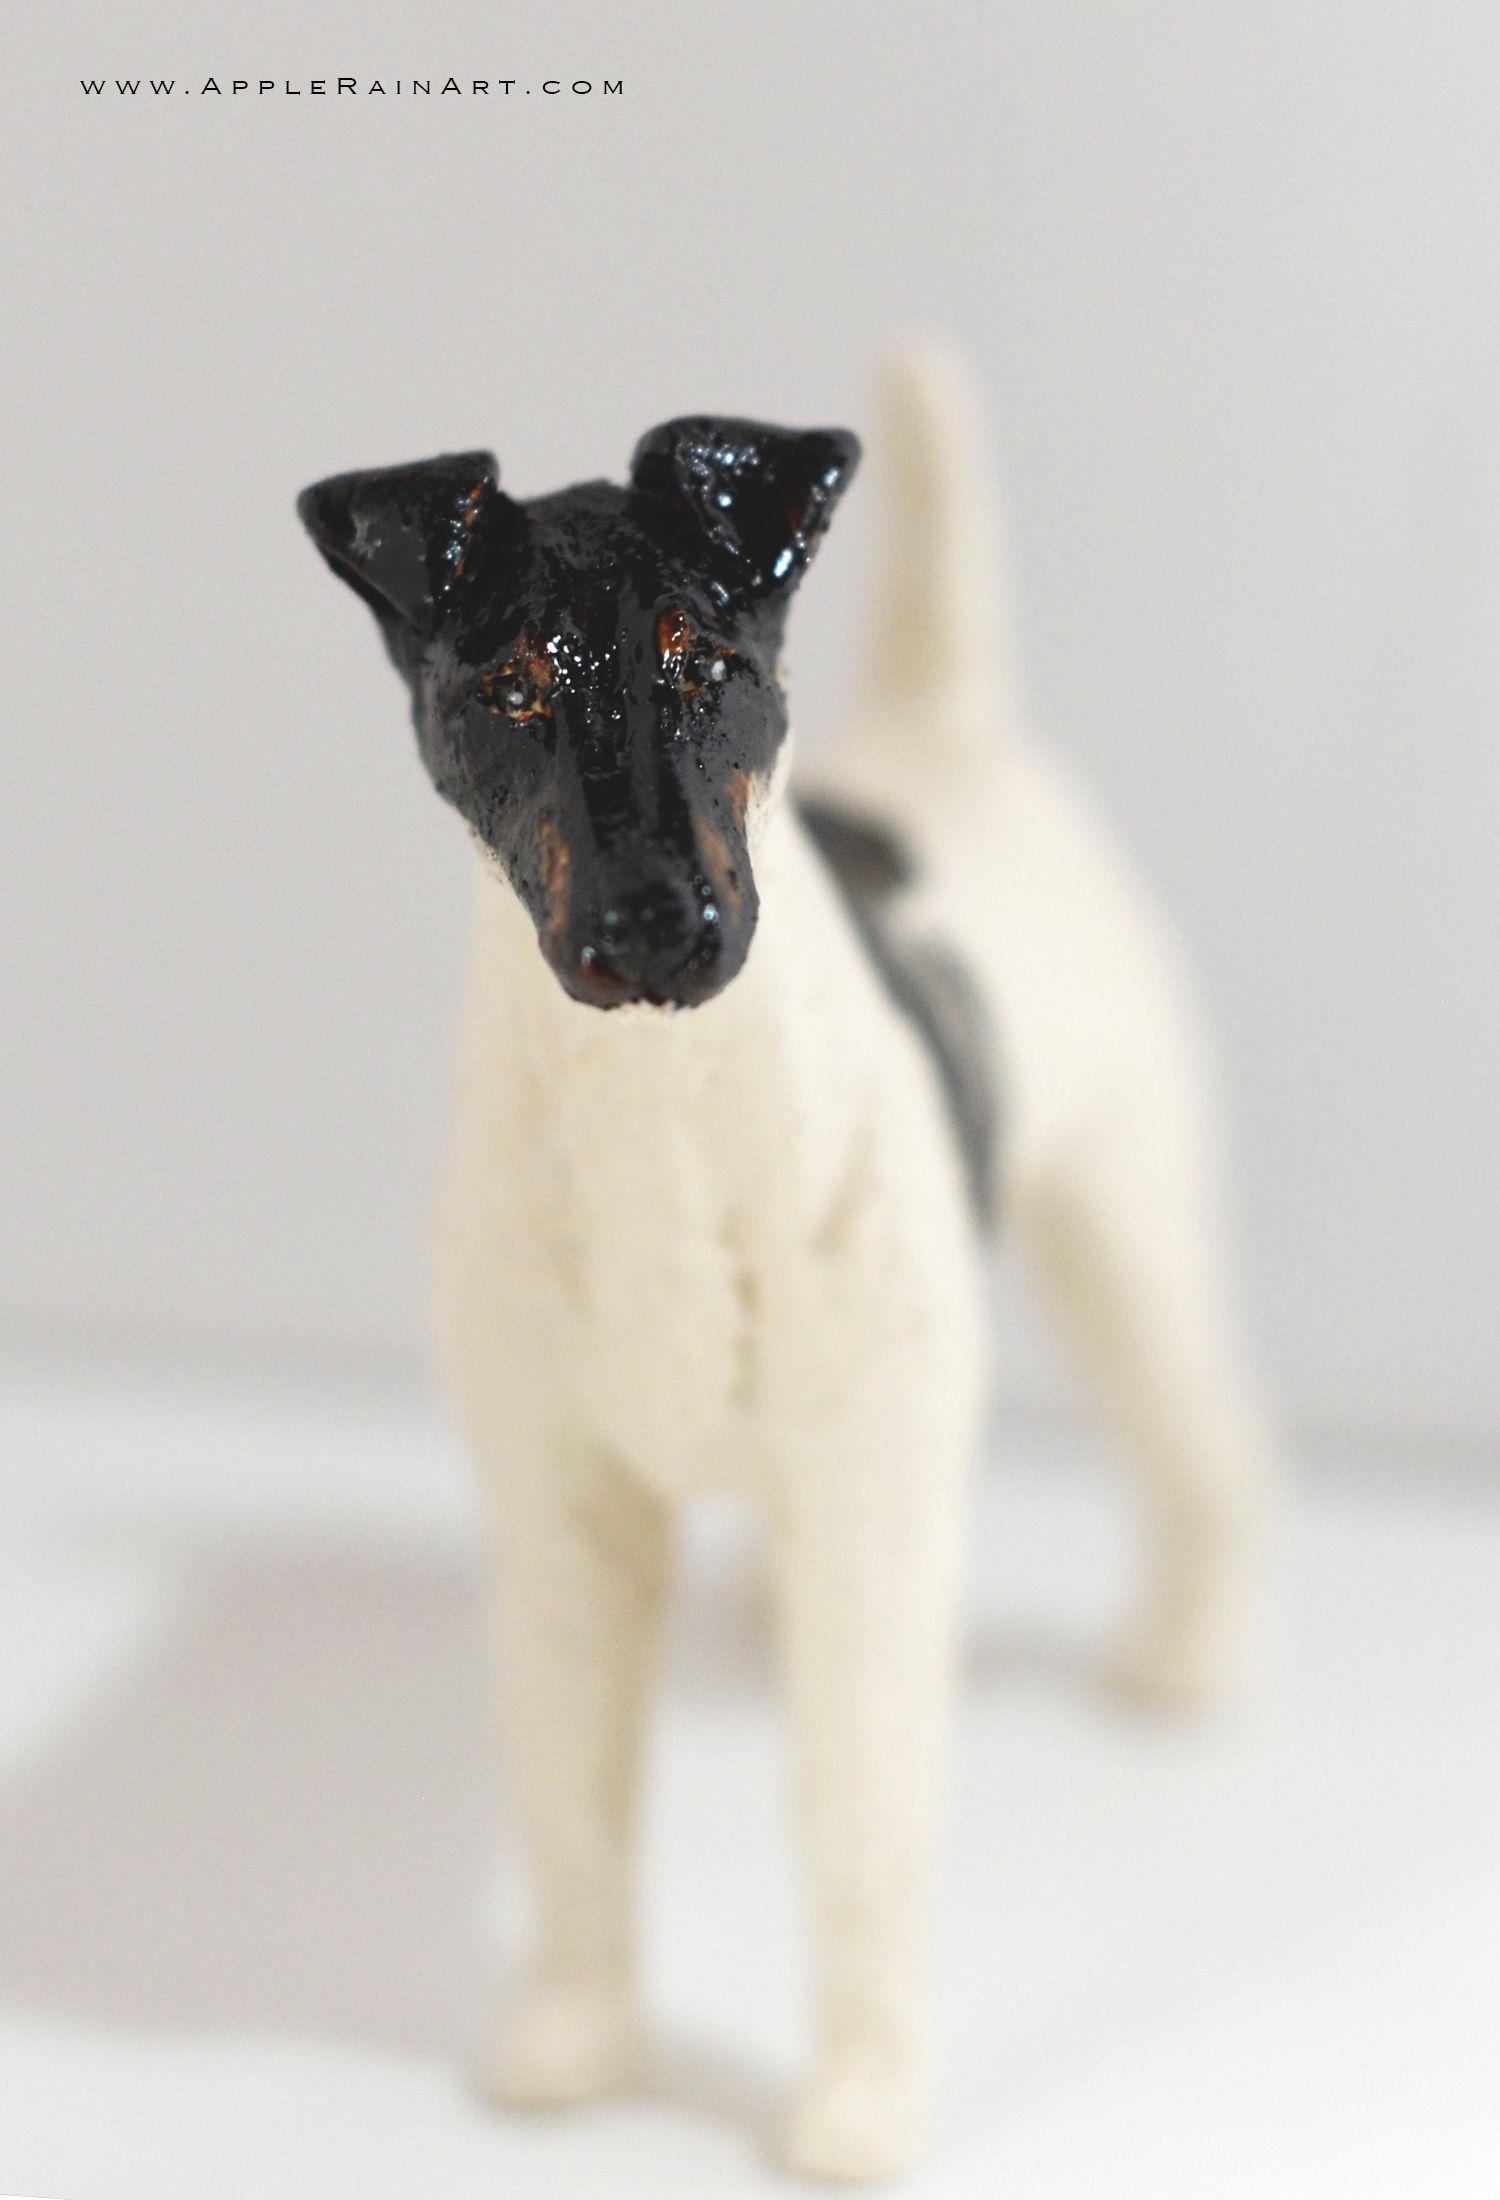 Fox Terrier Smooth Face Fox Terrier Smooth Ceramic Terrier Sculpture For Sale Fox Terrier Terrier Rain Art